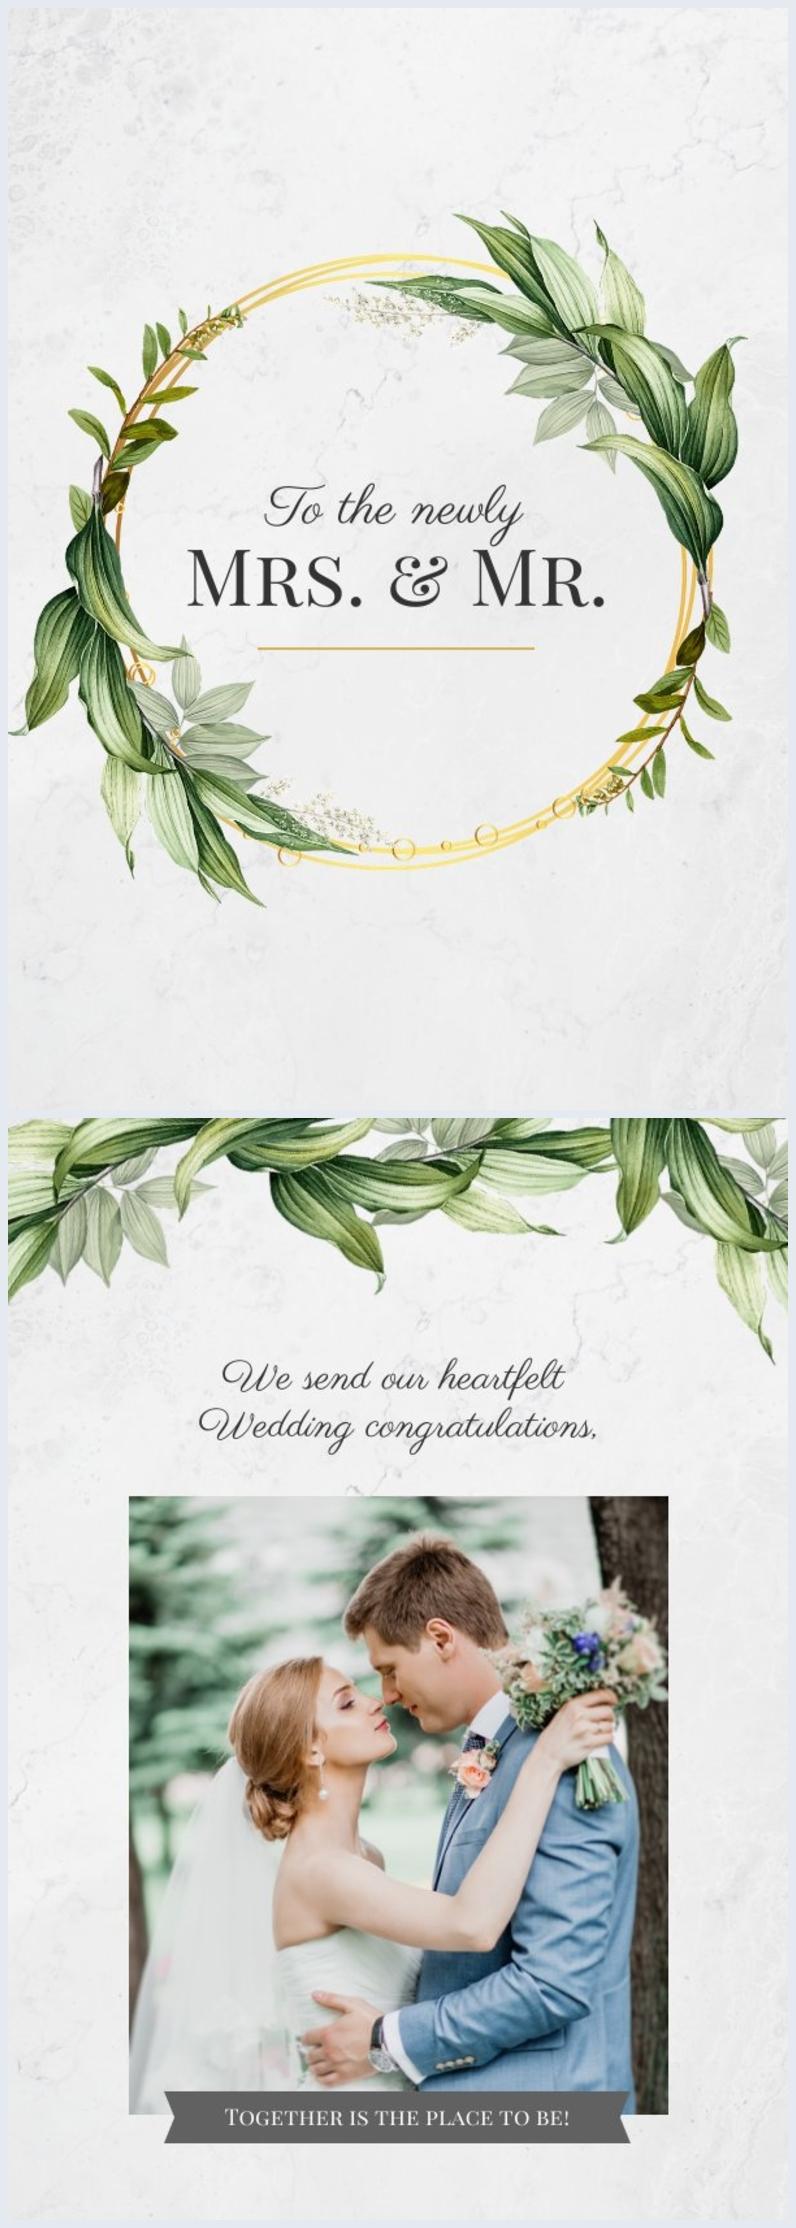 Idea de diseño para tarjeta de felicitaciones de boda